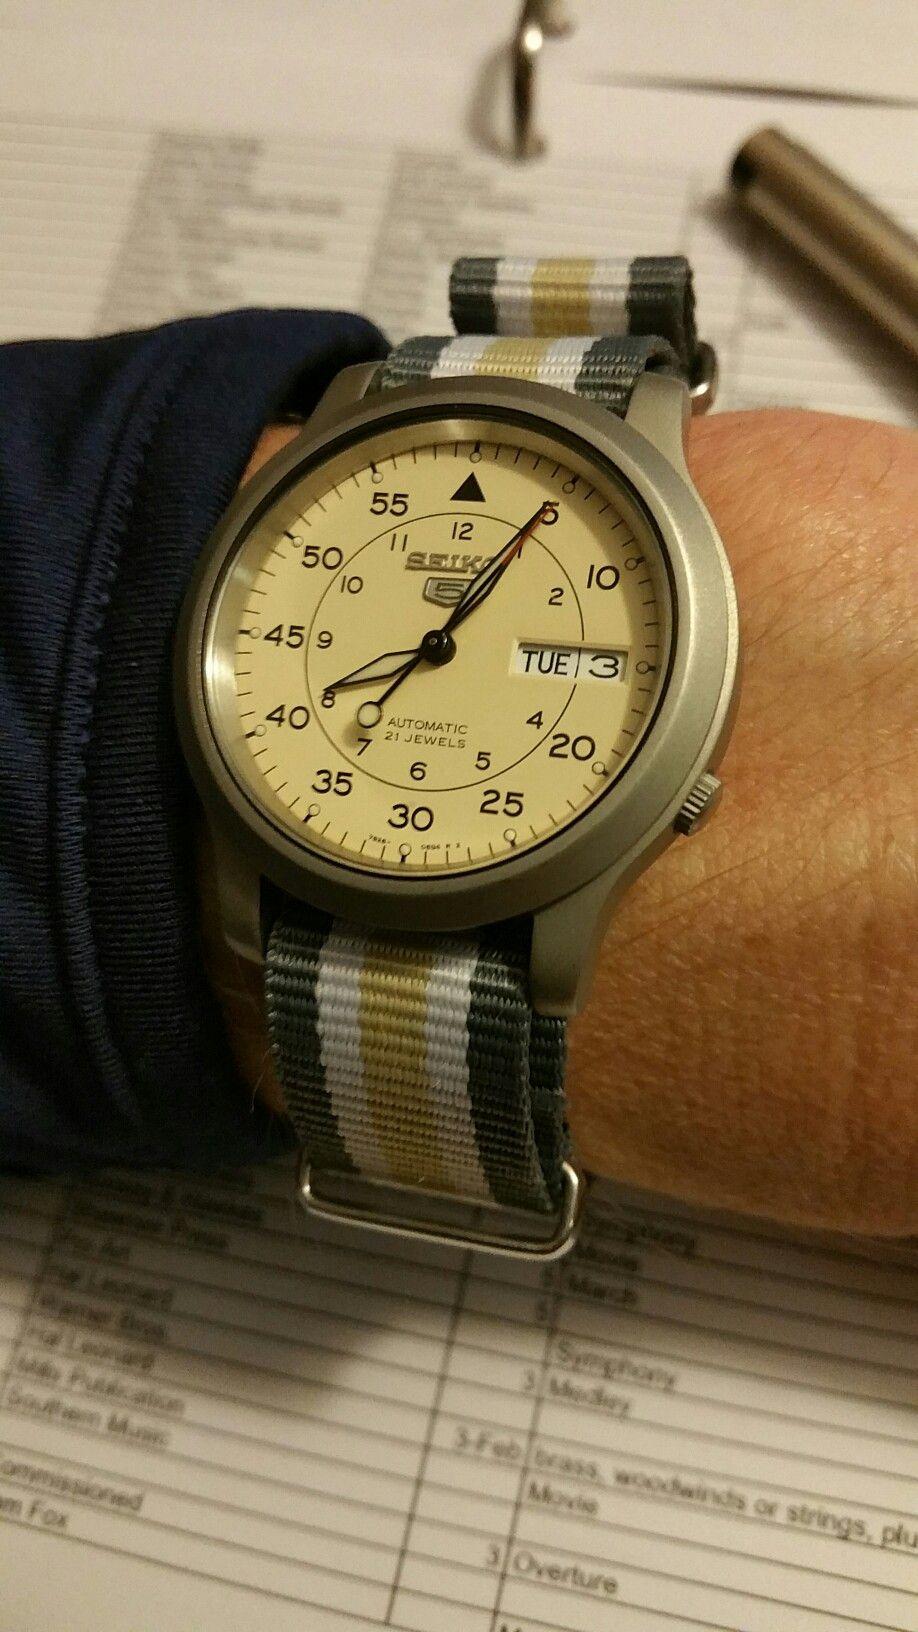 Seiko SNK803 NATO | Watches in 2019 | Seiko 5 watches, Seiko